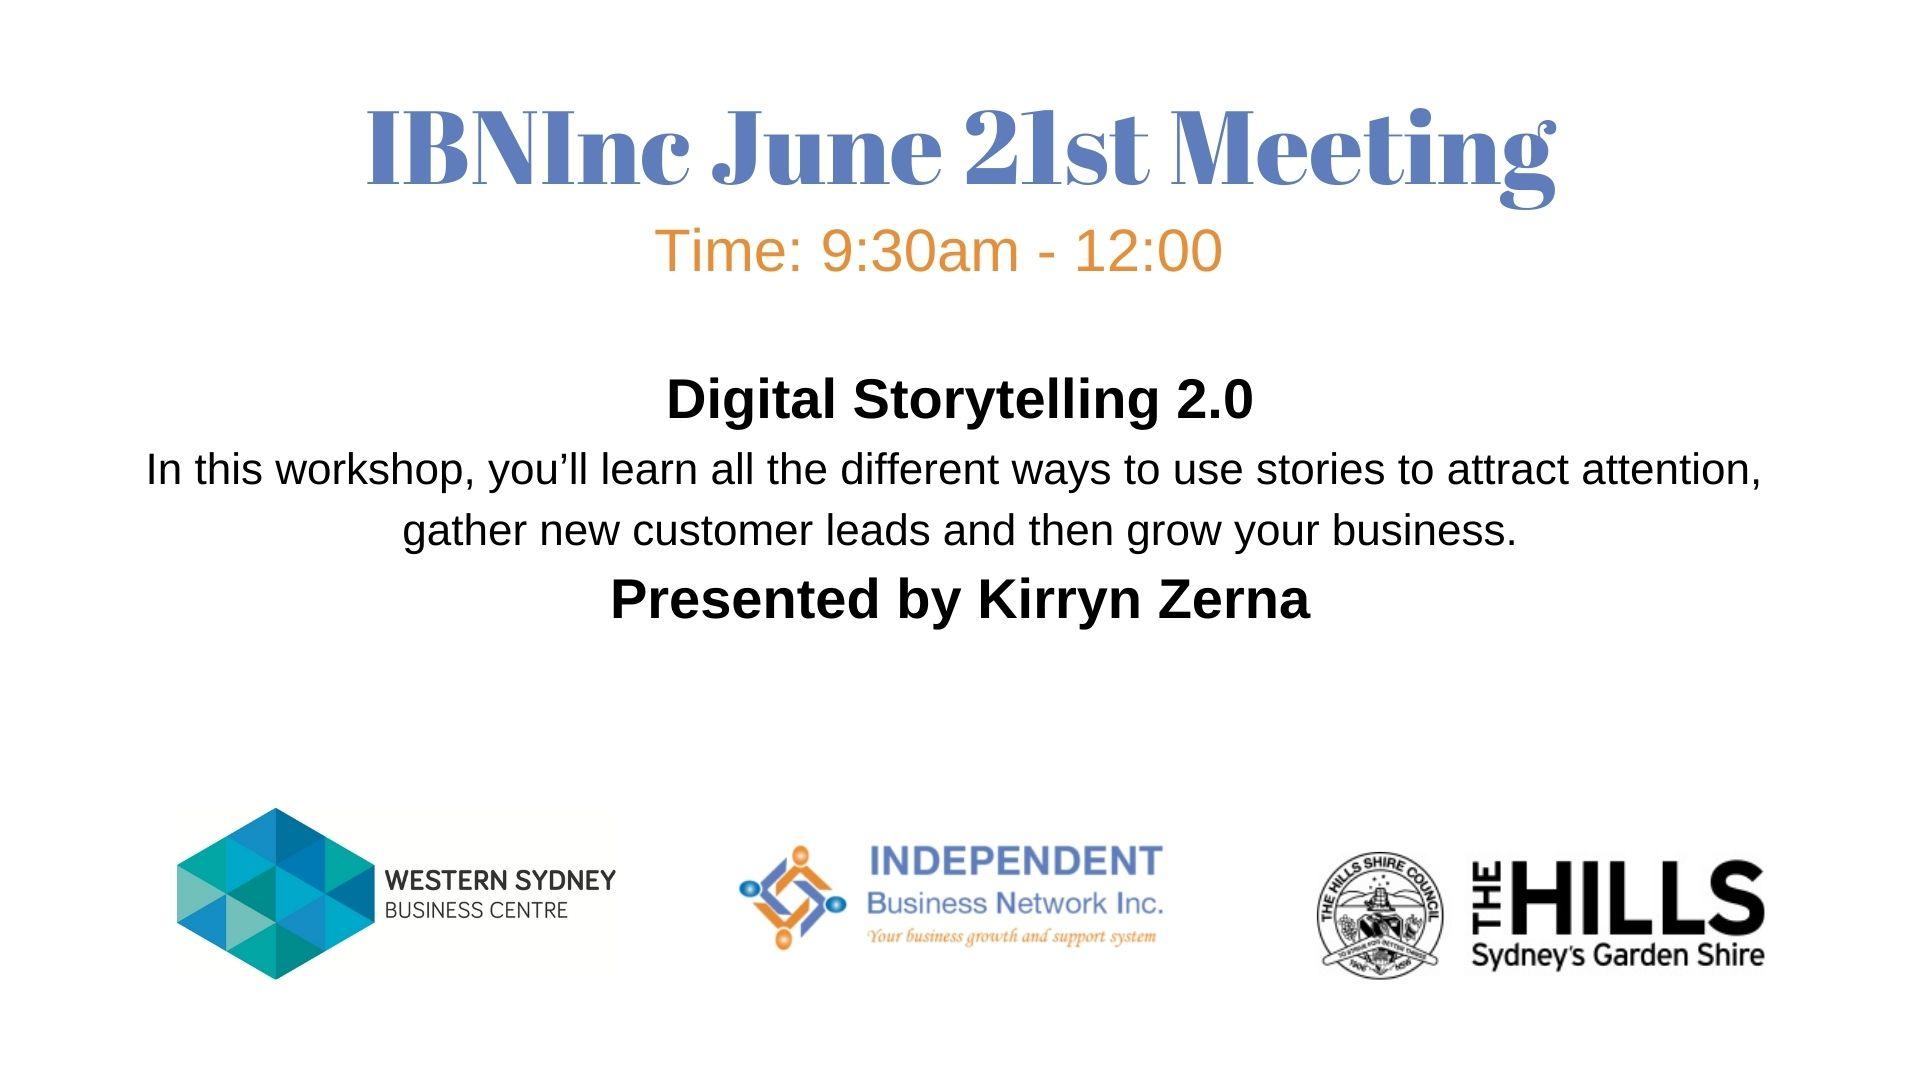 Digital storytelling 2.0